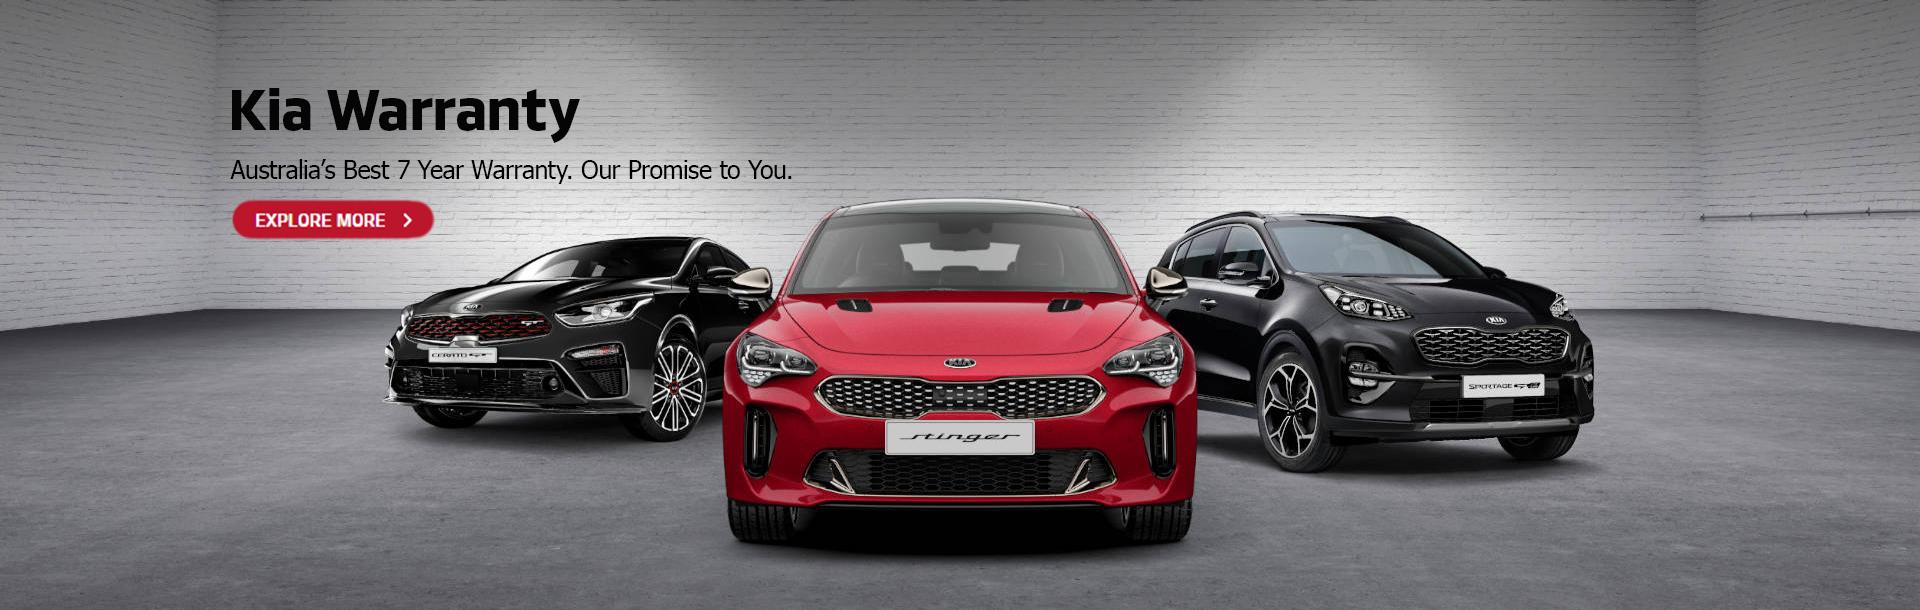 Kia Warranty. Australia's best 7 year warranty. Our promise to you